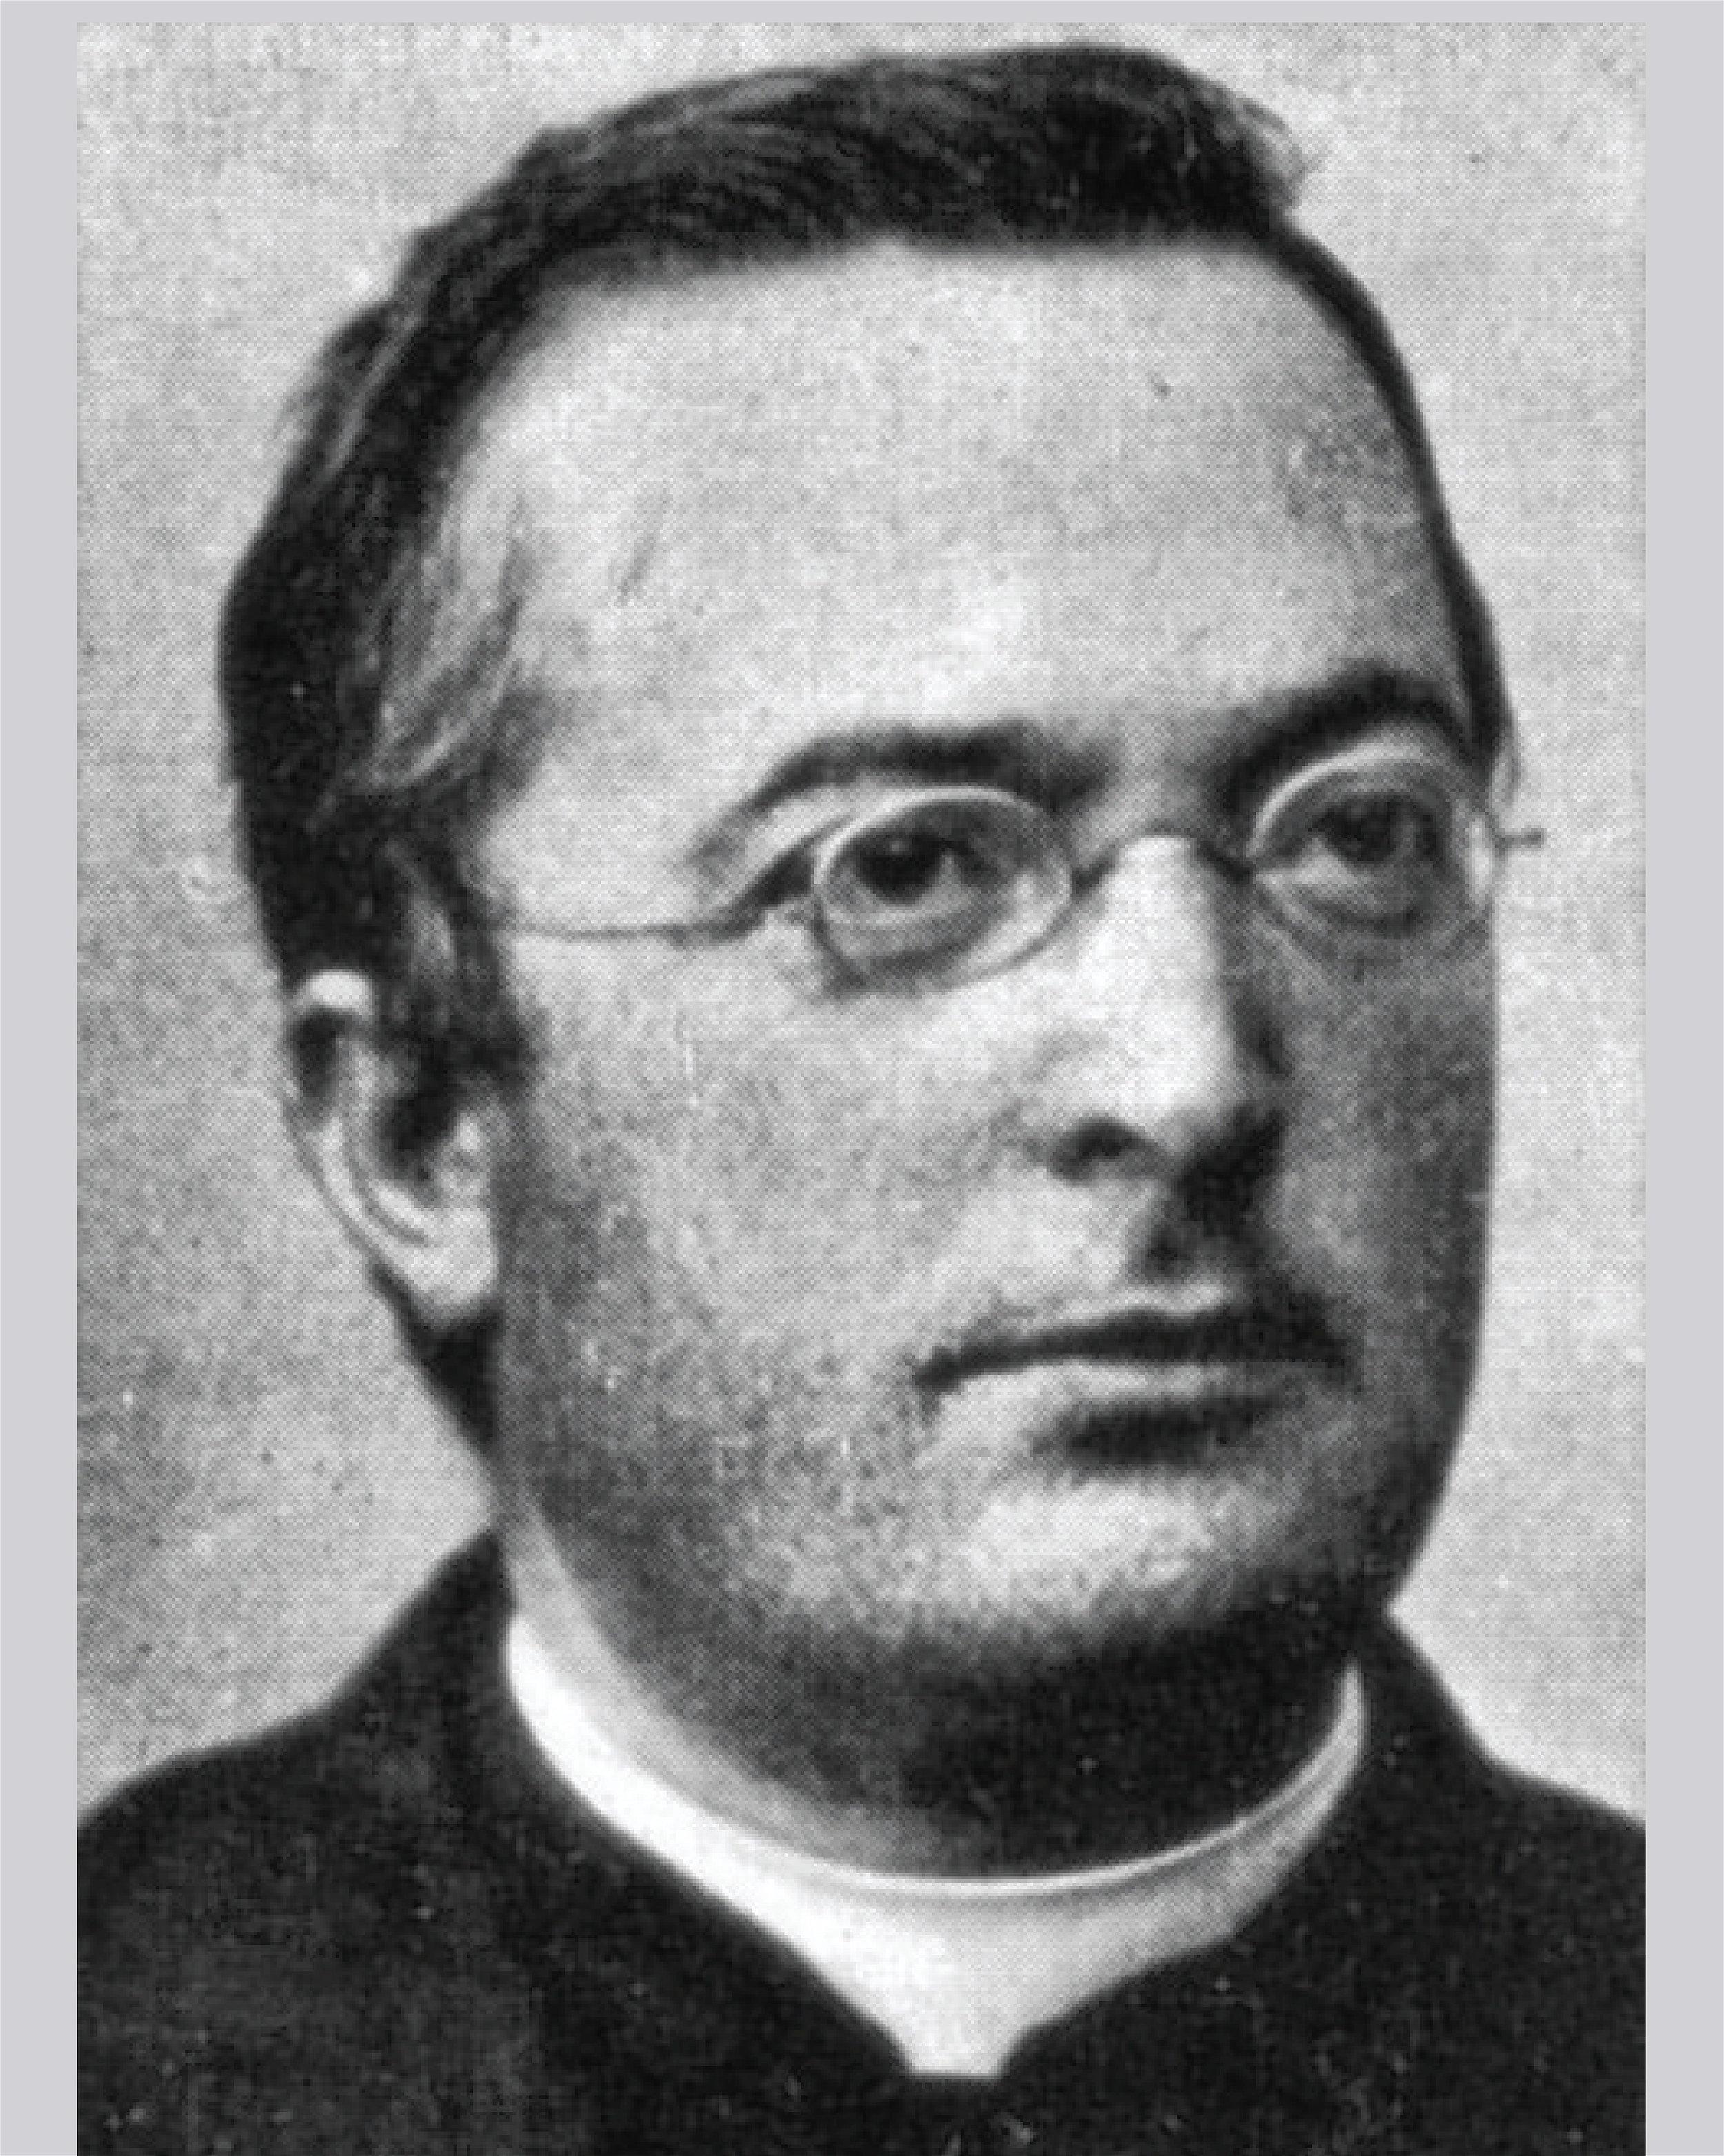 Rev. Filippo Pambianco, O.S.A. - 1926-1927